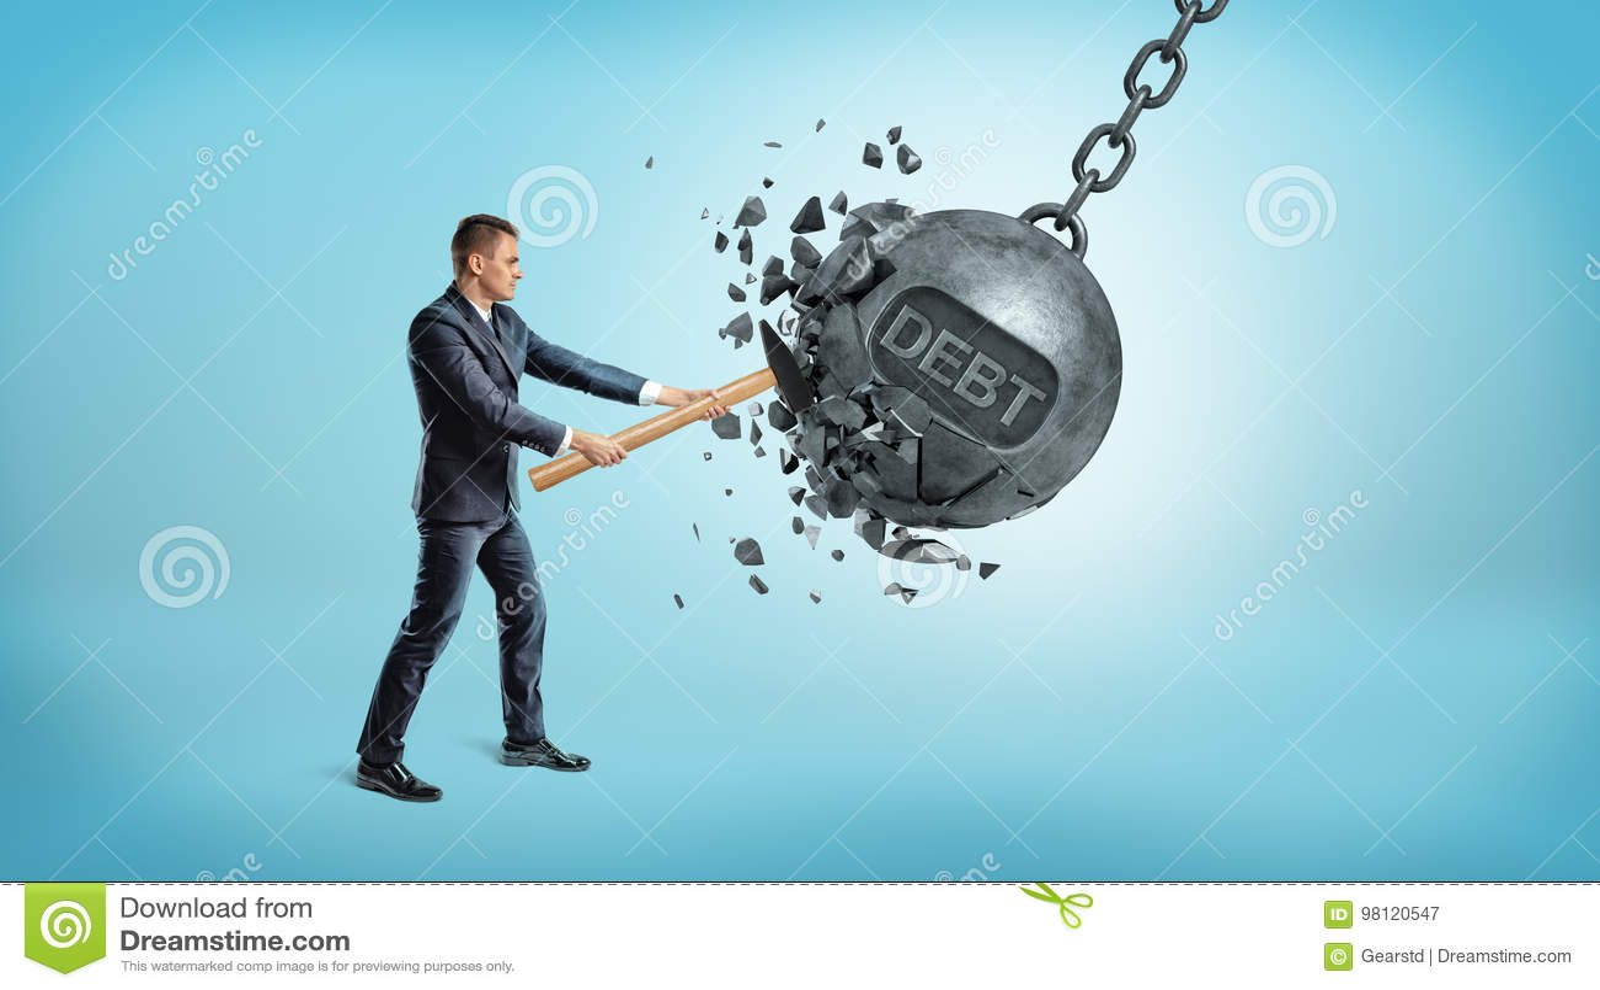 Um homem de negócios pequeno despedaça uma bola de balanço gigante do ferro com uma palavra DÉBITO nela que usa um martelo